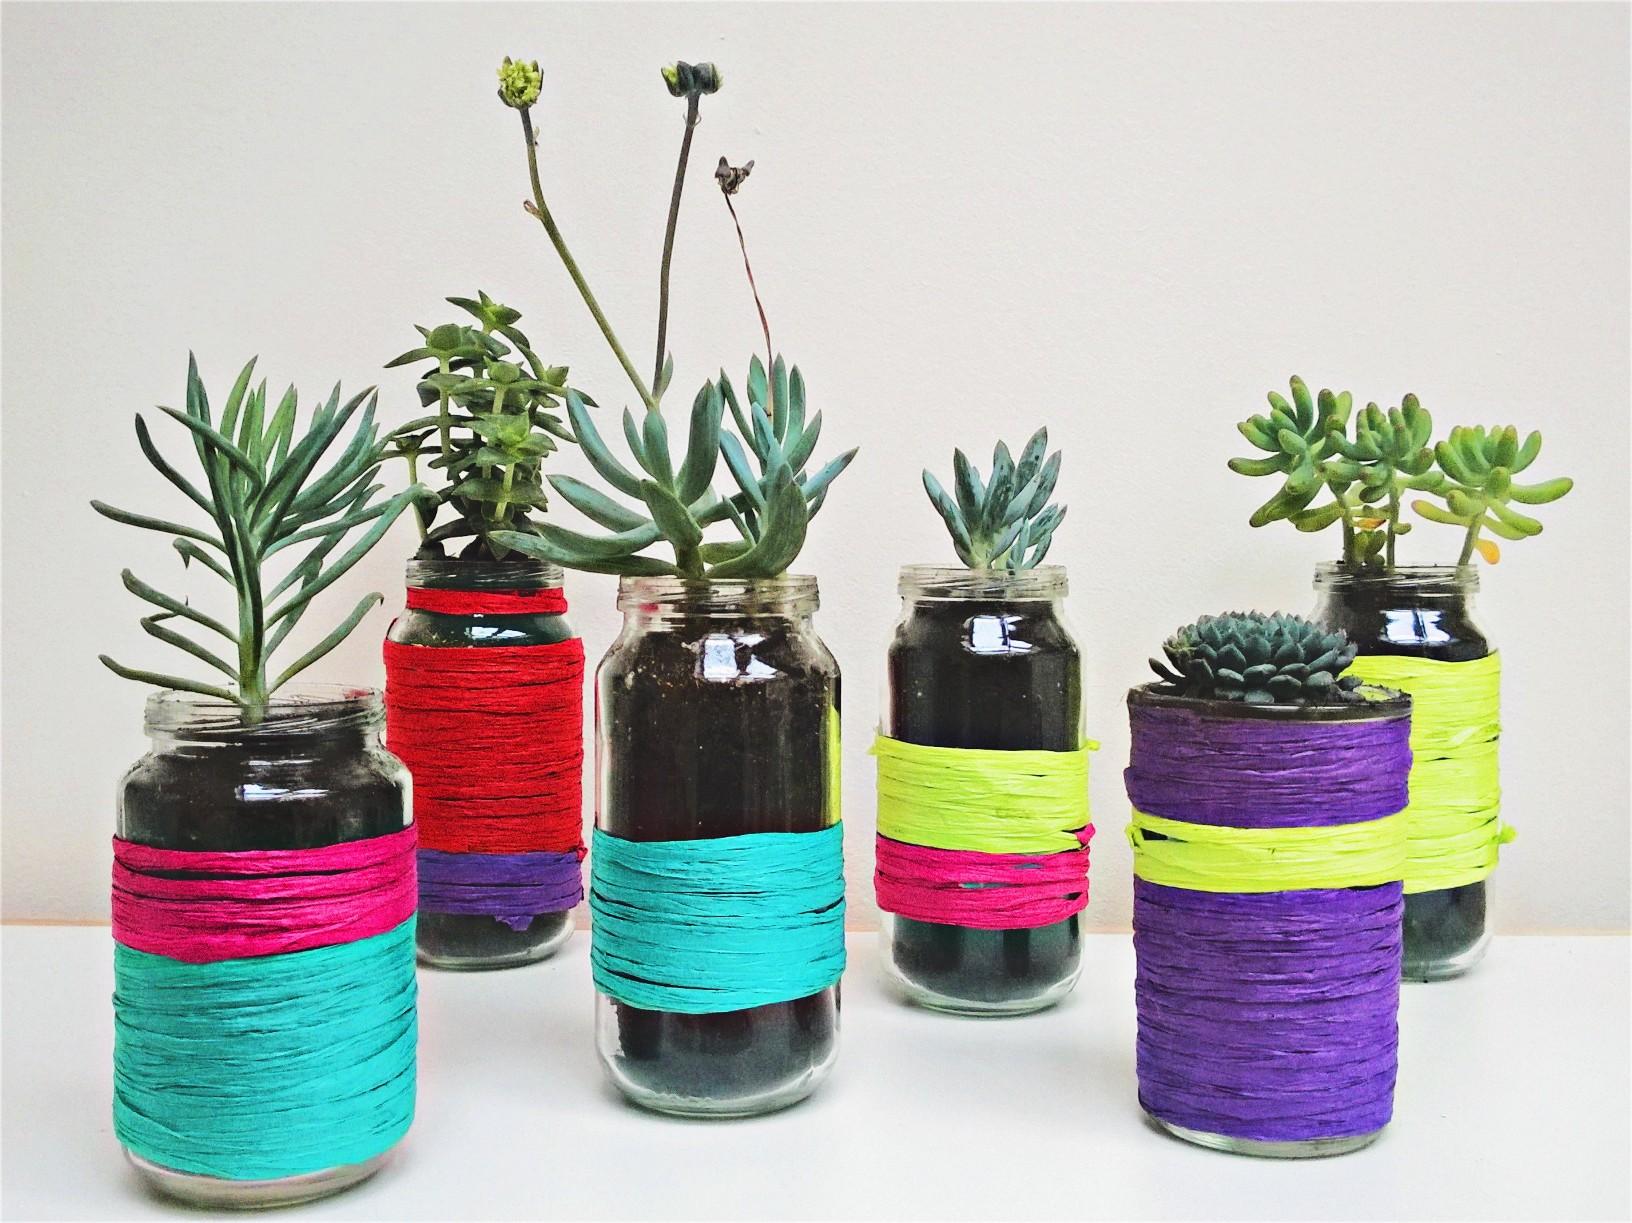 Hippe vetplantjes en DIY bloempotje